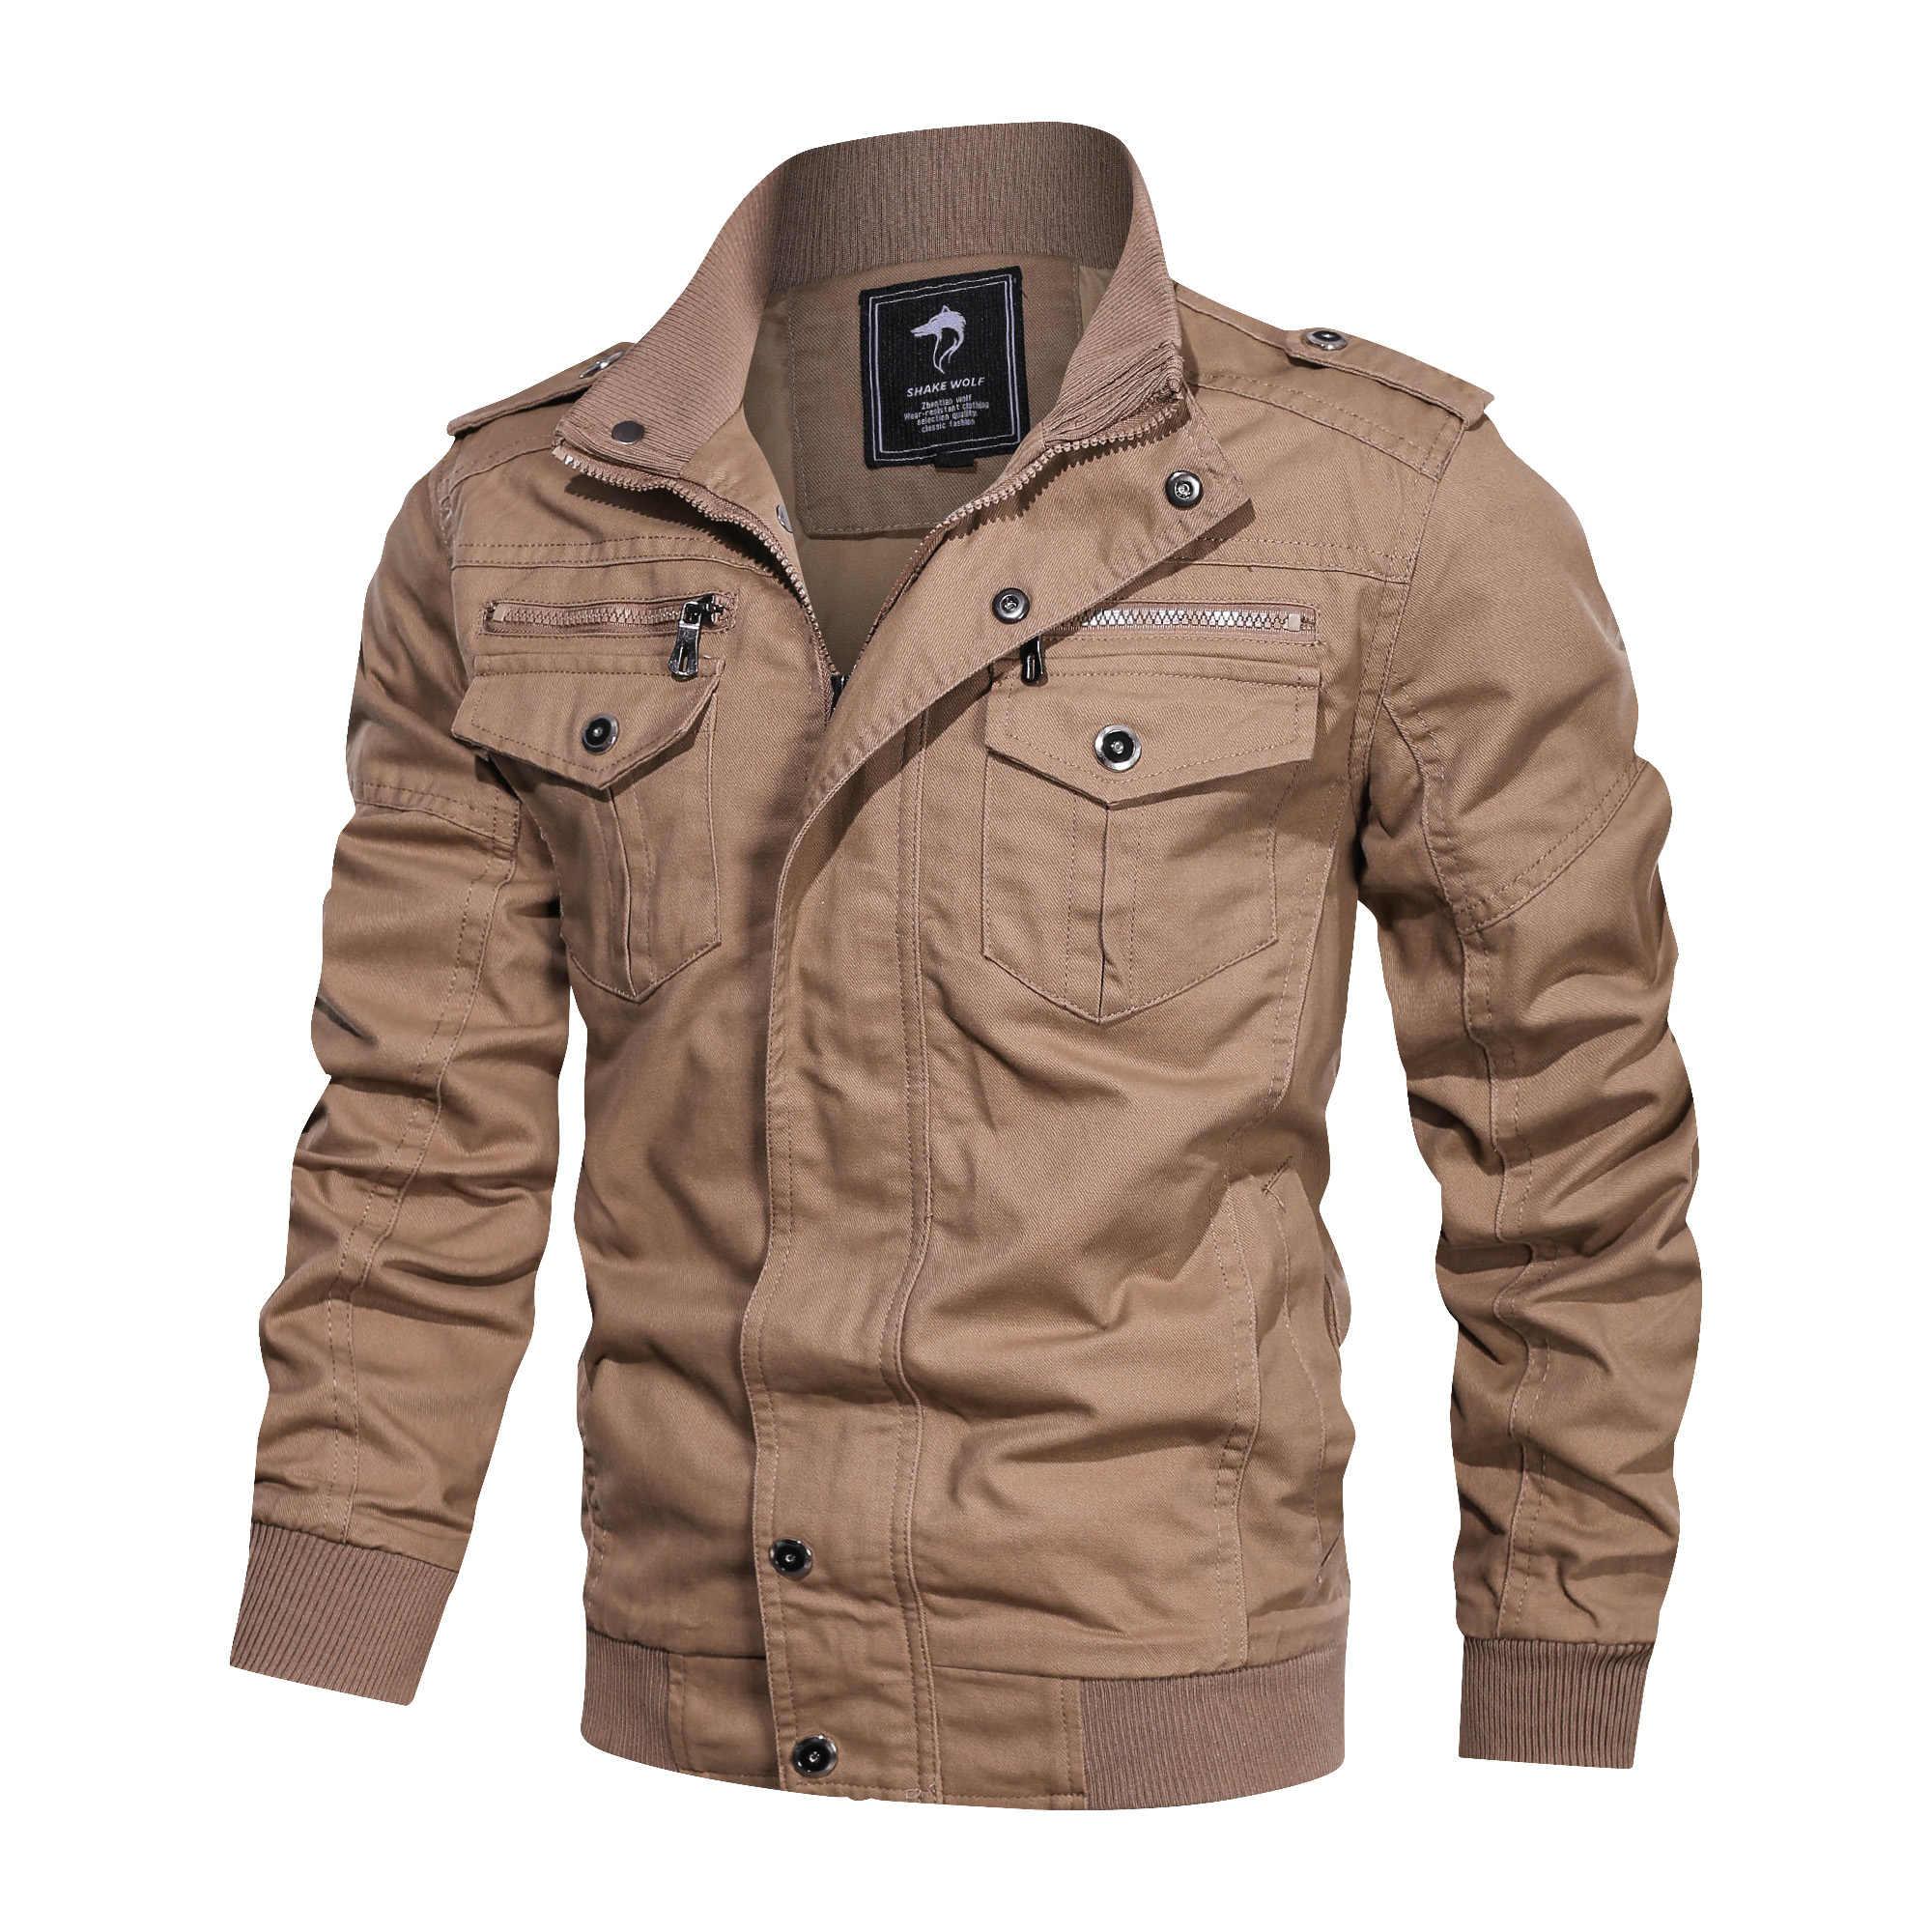 Bombacı ceket erkekler askeri giyim 2019 rahat sonbahar kış ceket erkekler artı boyutu L-5XL ordu taktik ceketler chaqueta hombre